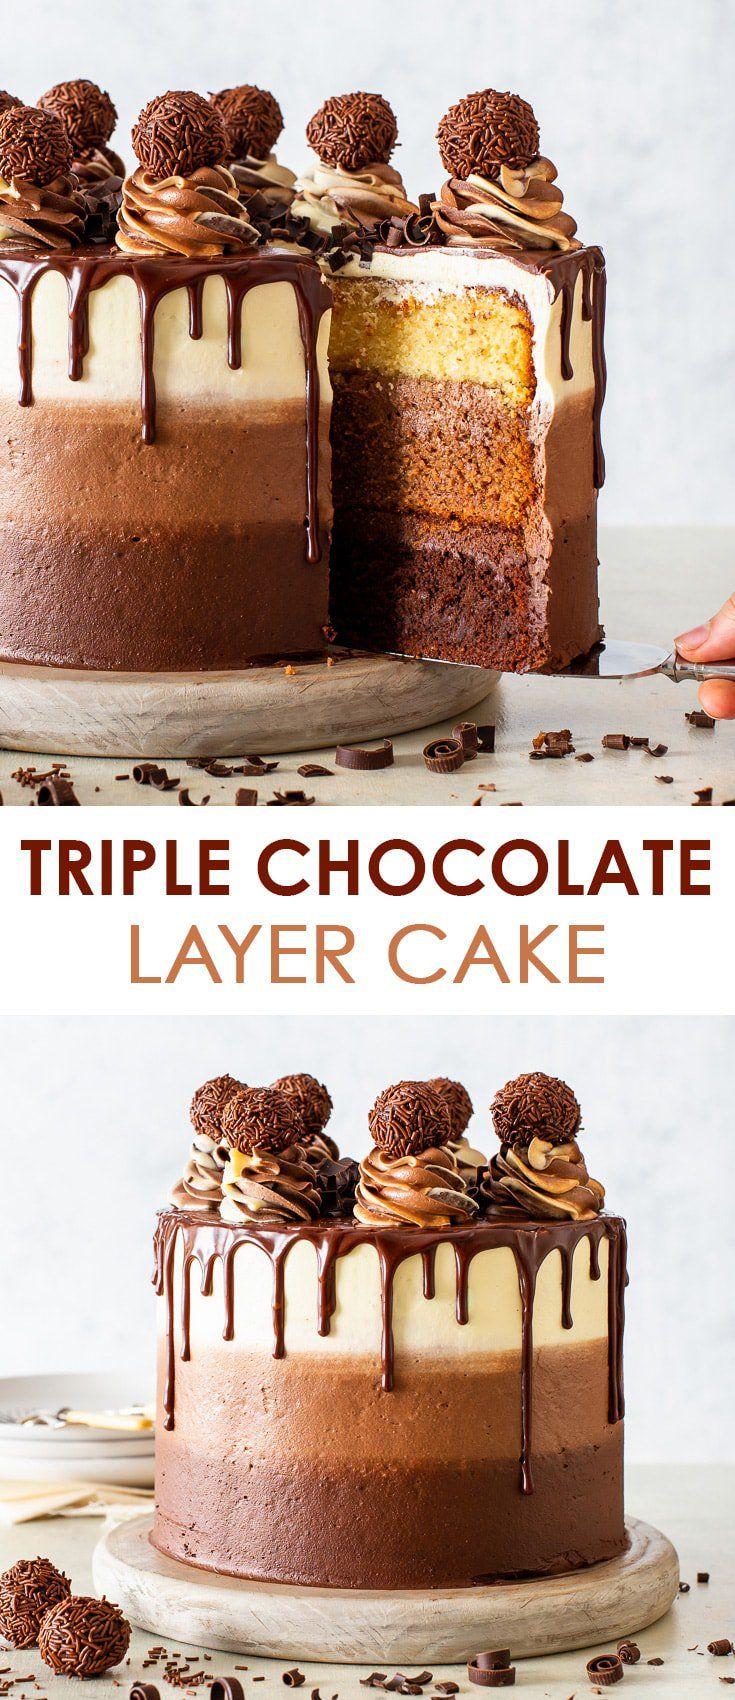 Der epischste dreifache Schokoladenkuchen (glutenfrei) – [SPONSORED] Diese dreifache Schoko …   – Women's fashion